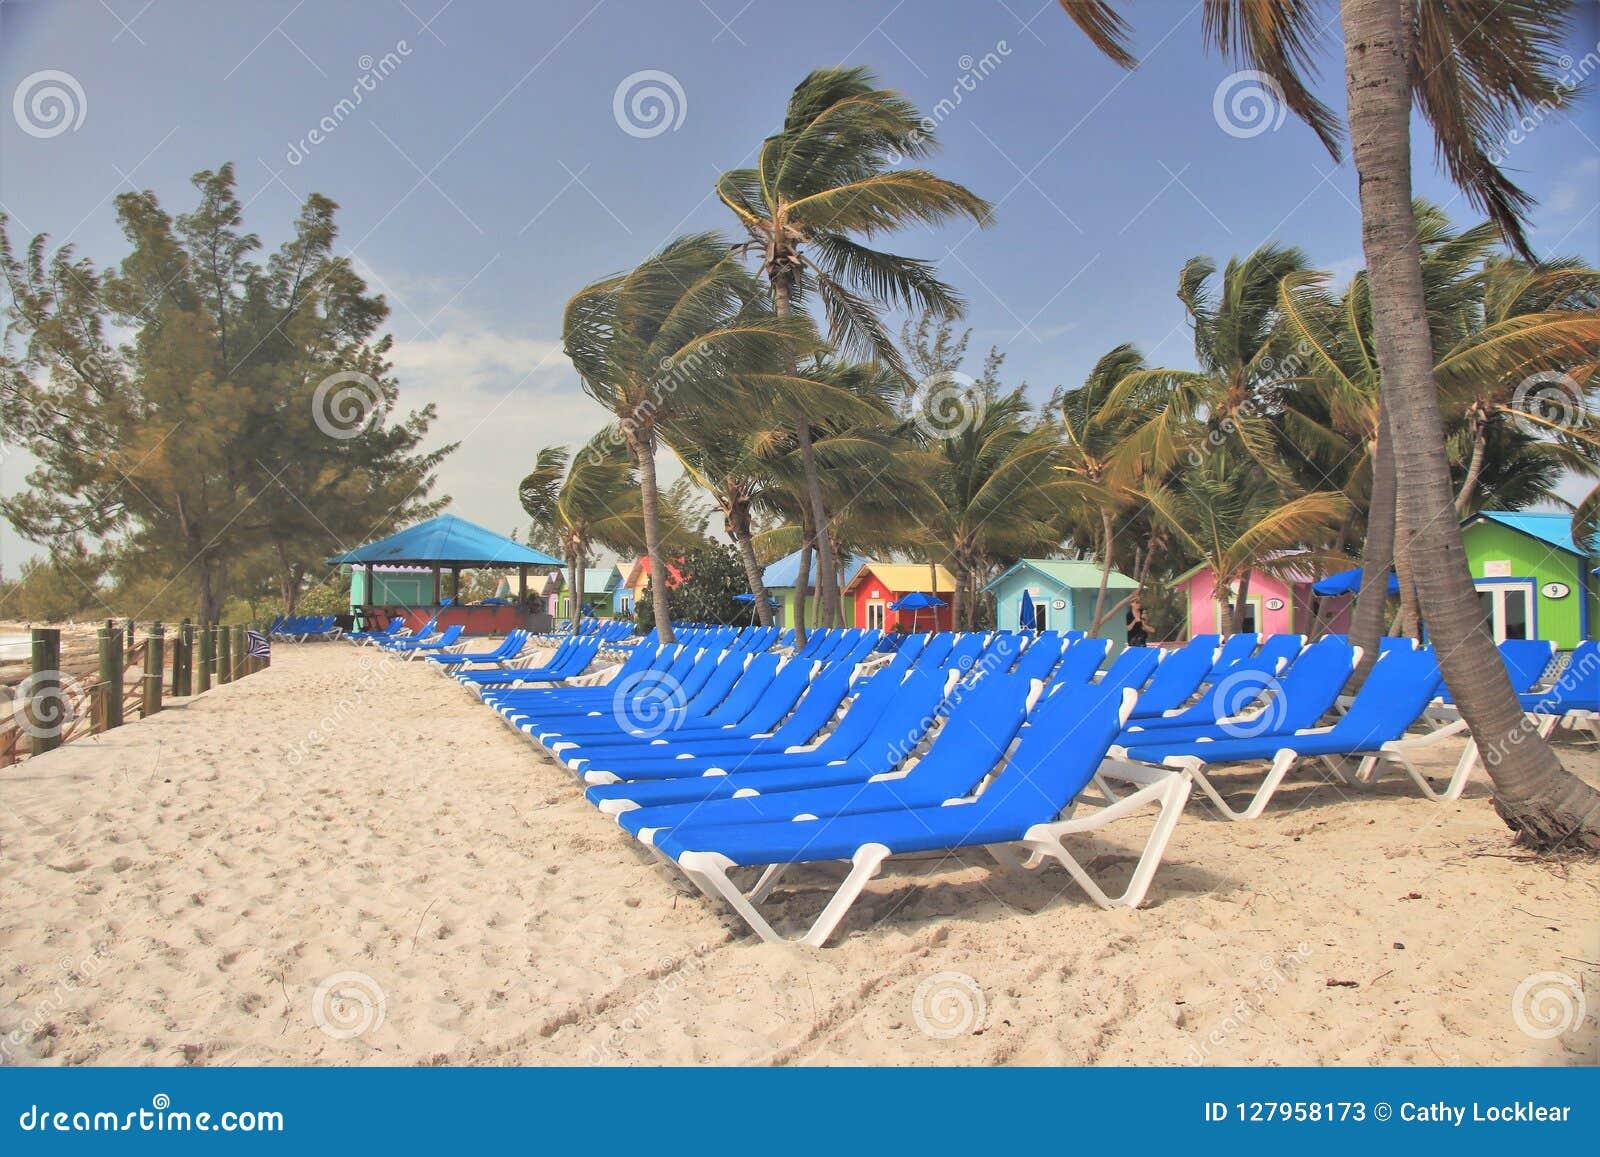 Sillones Coloridos.Cabanas Y Sillones Coloridos En La Playa En Princesa Cays